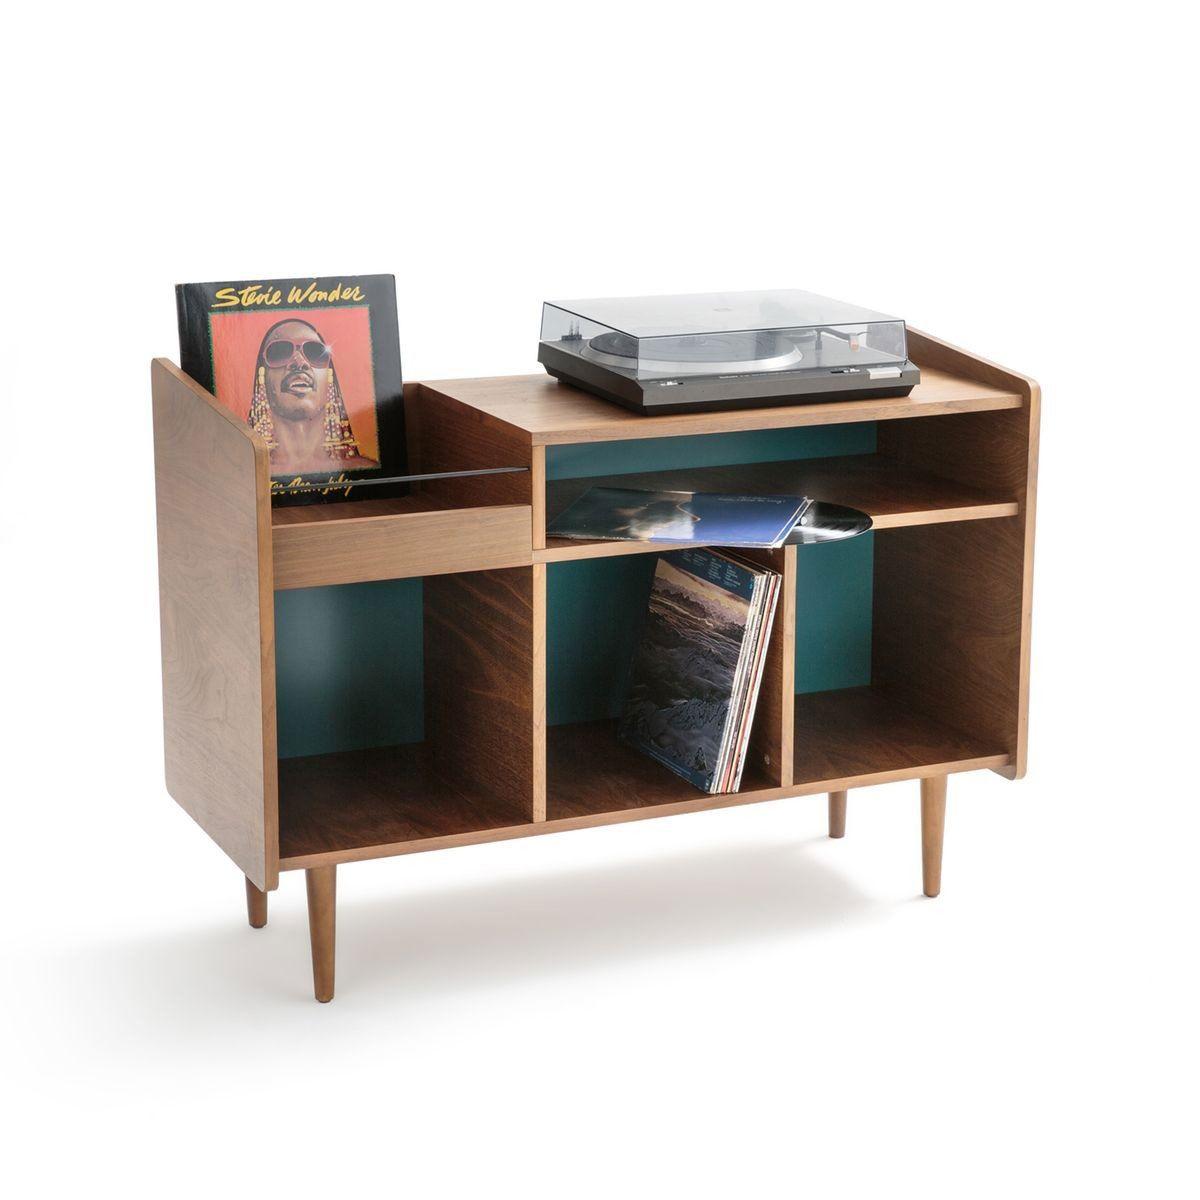 Meuble Vinyle Quel Modele Choisir Pour Un Interieur Au Look Vintage Meuble Vinyle Rangement Vinyle Meuble Vintage